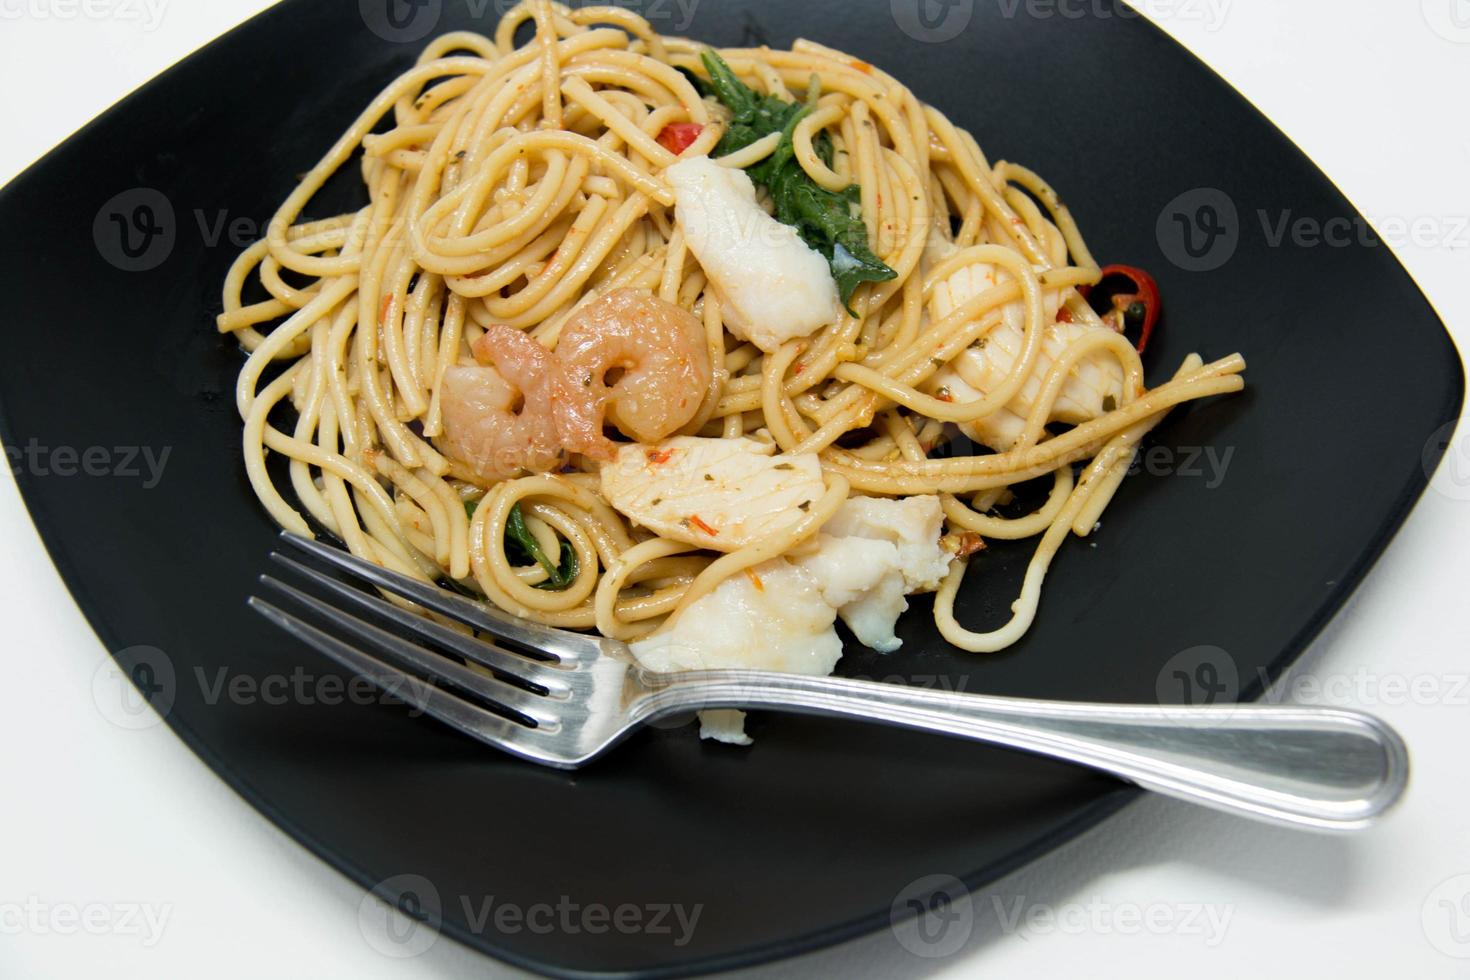 italienisches Rezept: Spaghetti und Meeresfrüchte foto